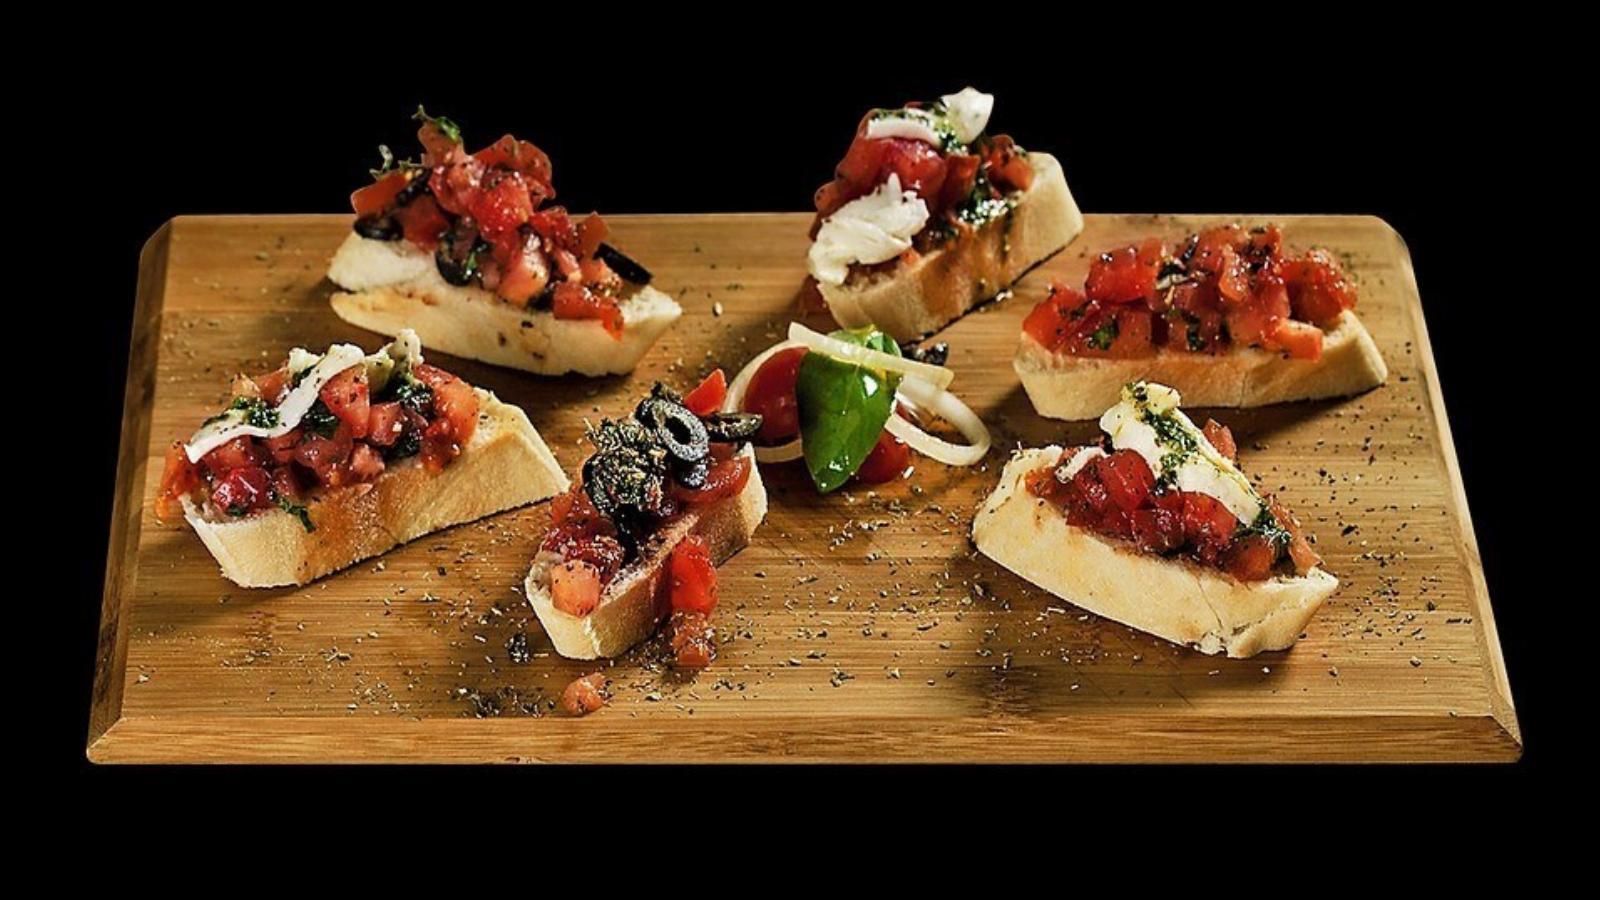 mediterrán étrend és funkcionális ételek